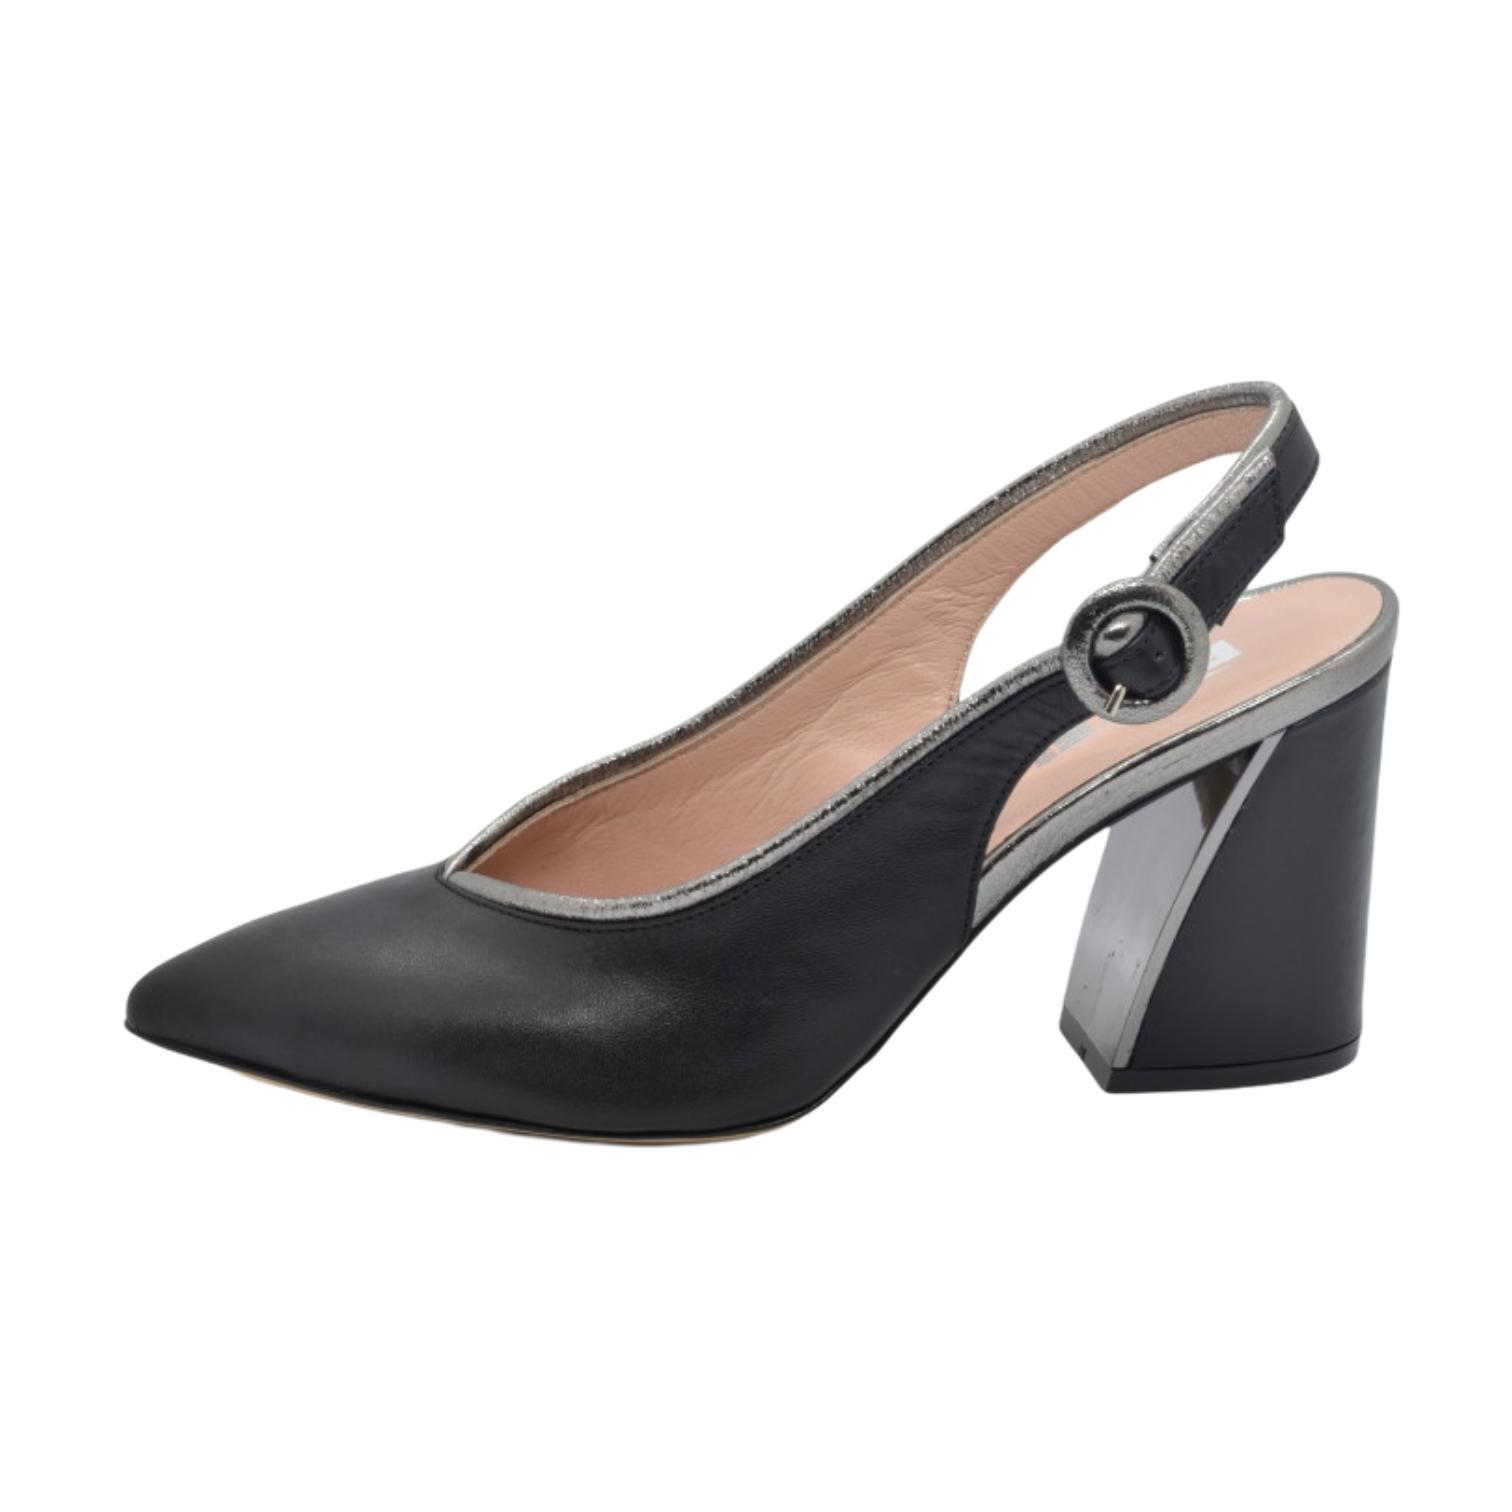 Pantofi decupati negri cu detaliu argintiu